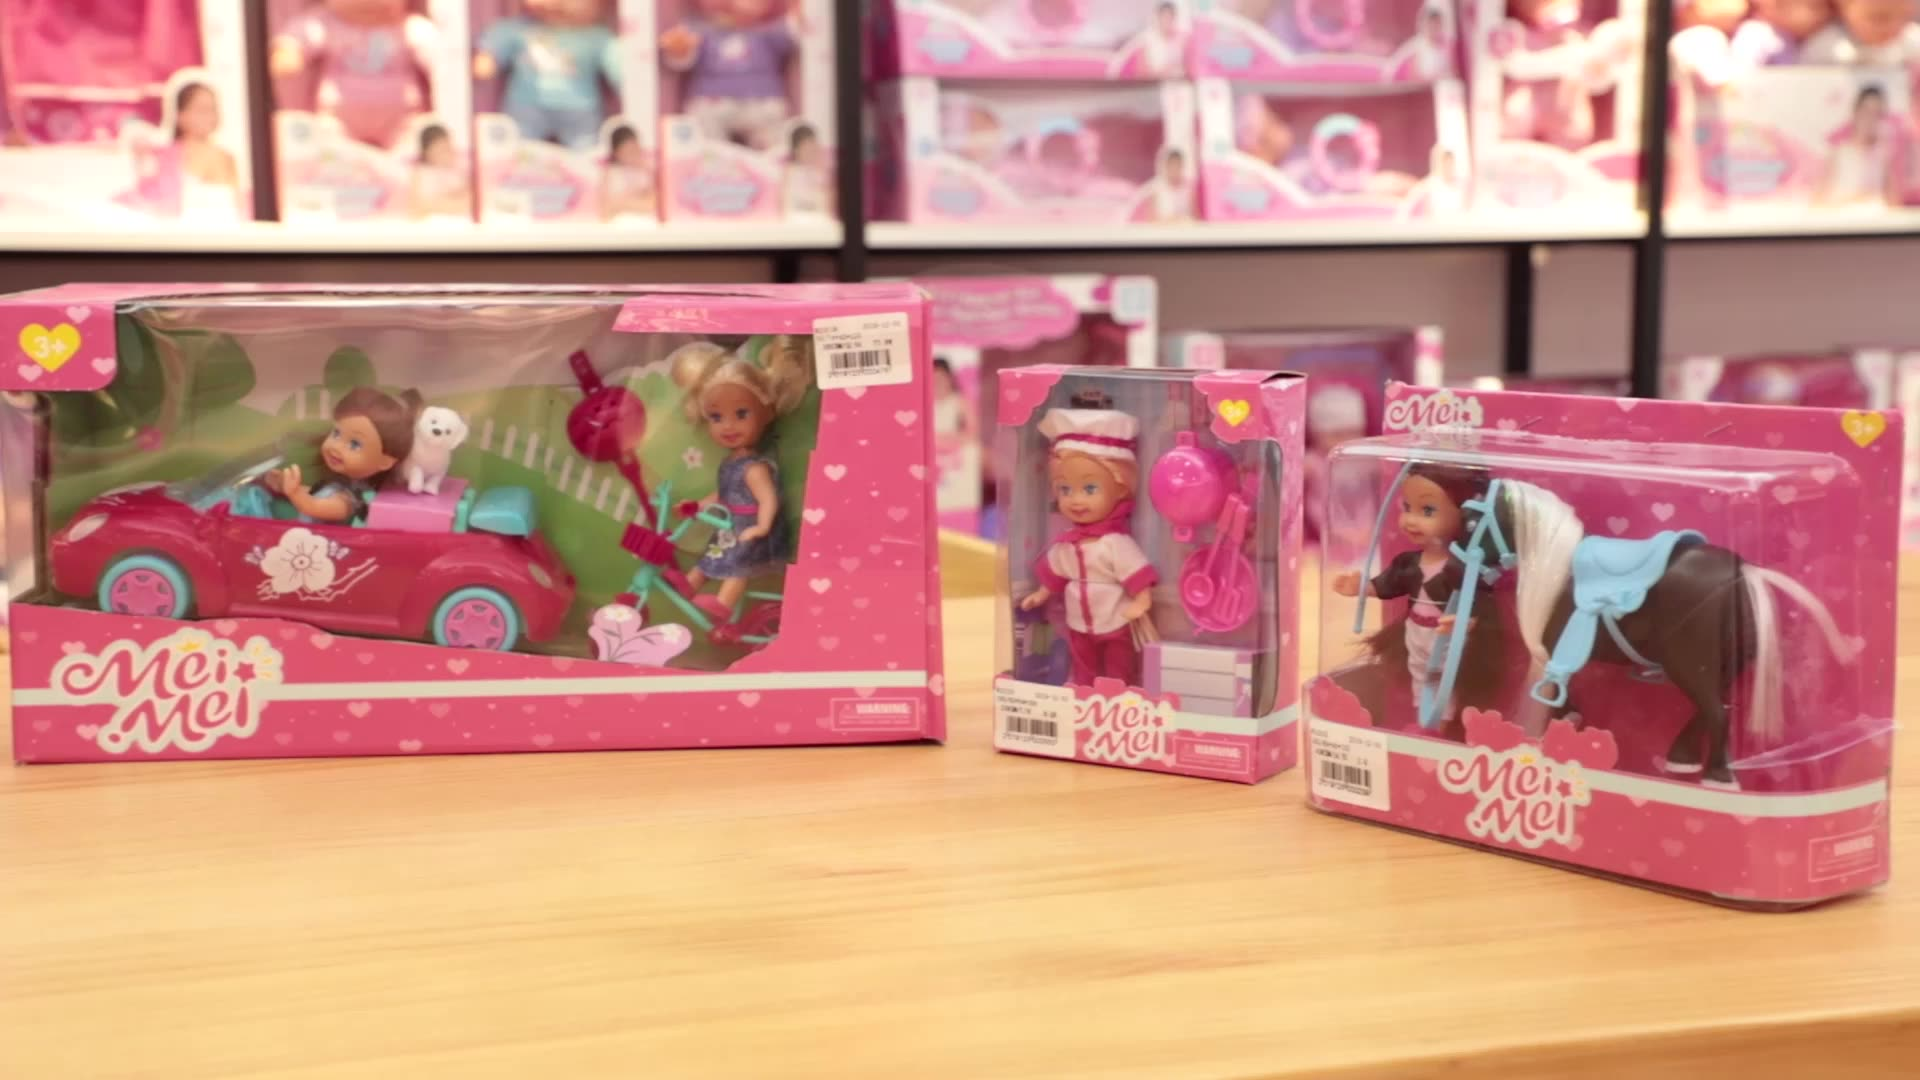 Modelo de estilo de juguete y silicona suave recién llegado muñecas de bebé recién nacido para la venta